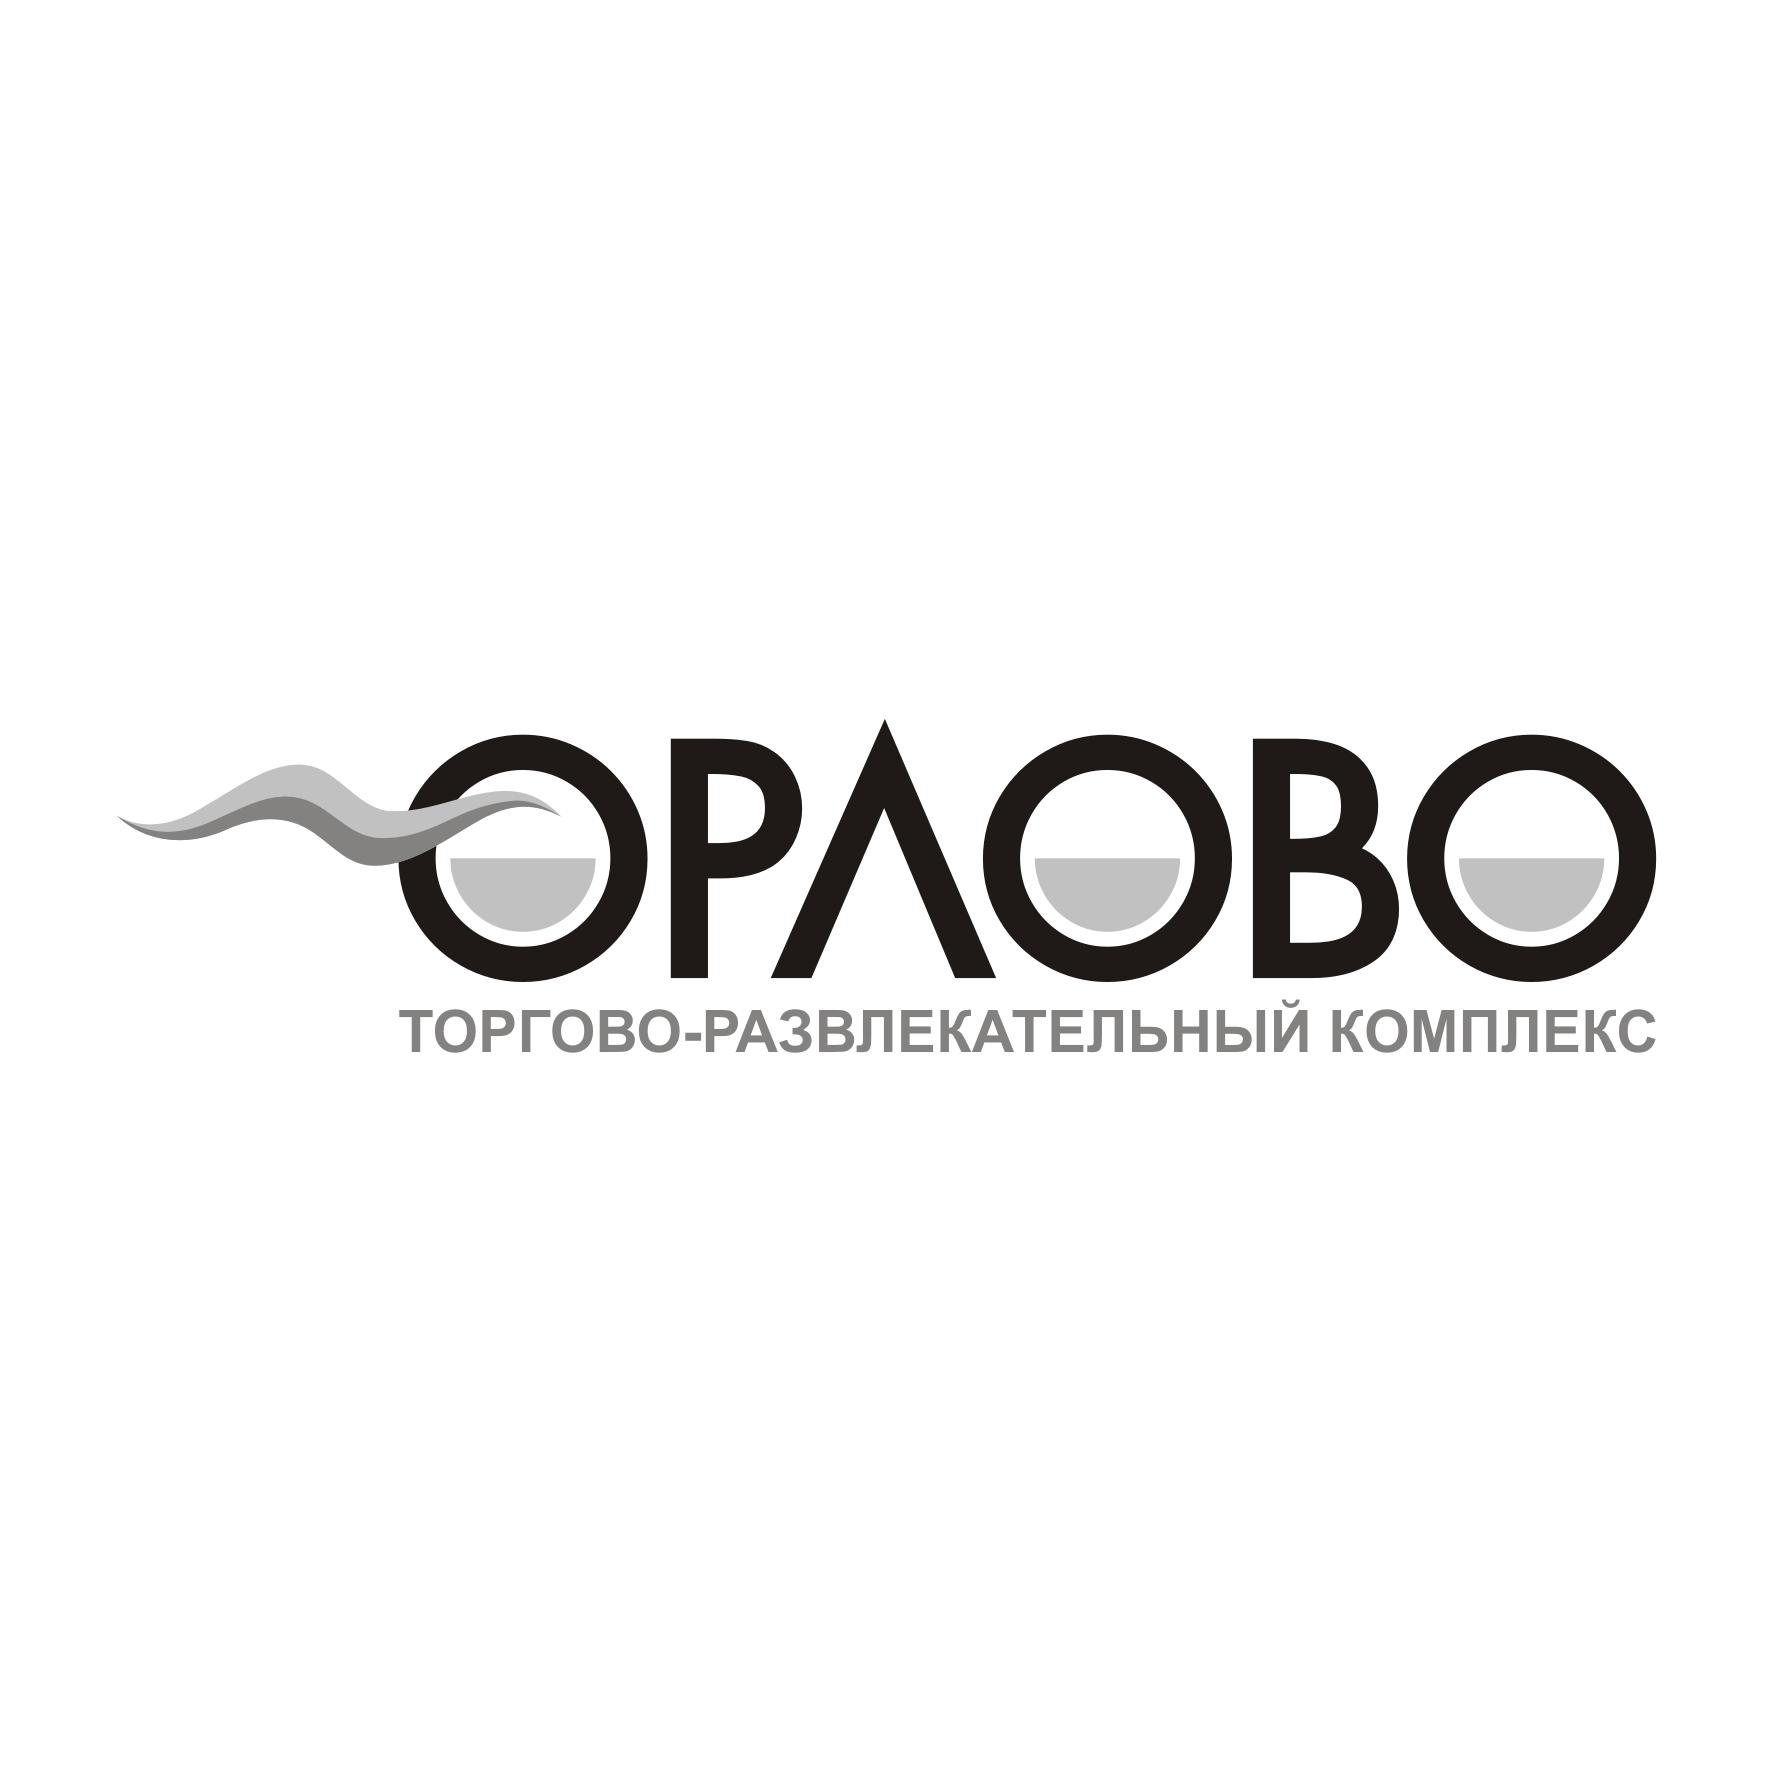 Разработка логотипа для Торгово-развлекательного комплекса фото f_210596684fea5561.jpg